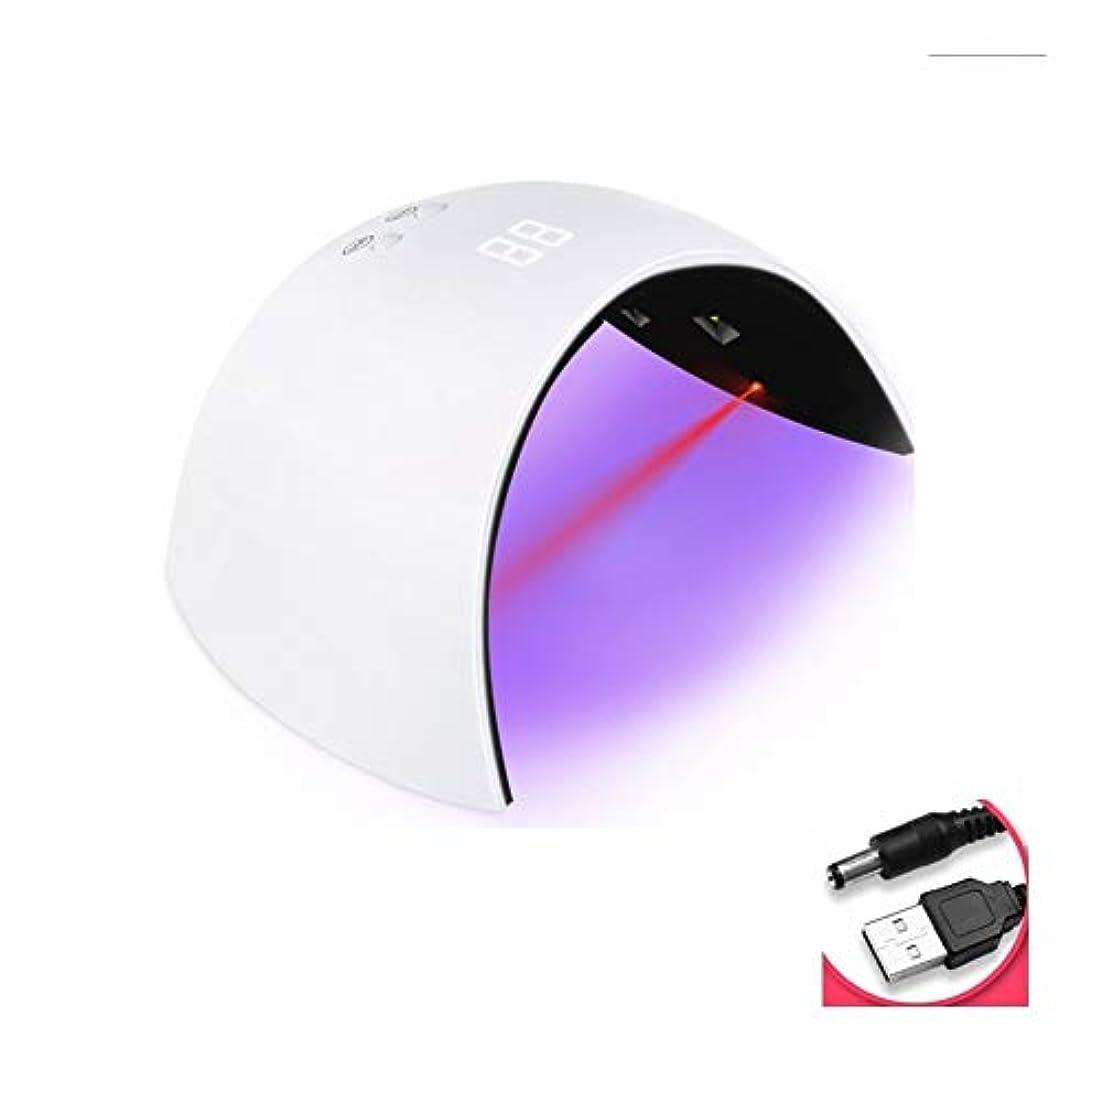 絞る政治家期限切れLittleCat 速乾性ネイルUVランプ光線療法ネイルポリッシュプラスチックヒートランプLED工作機械ランプネイル乾燥機のセンサー (色 : 赤)